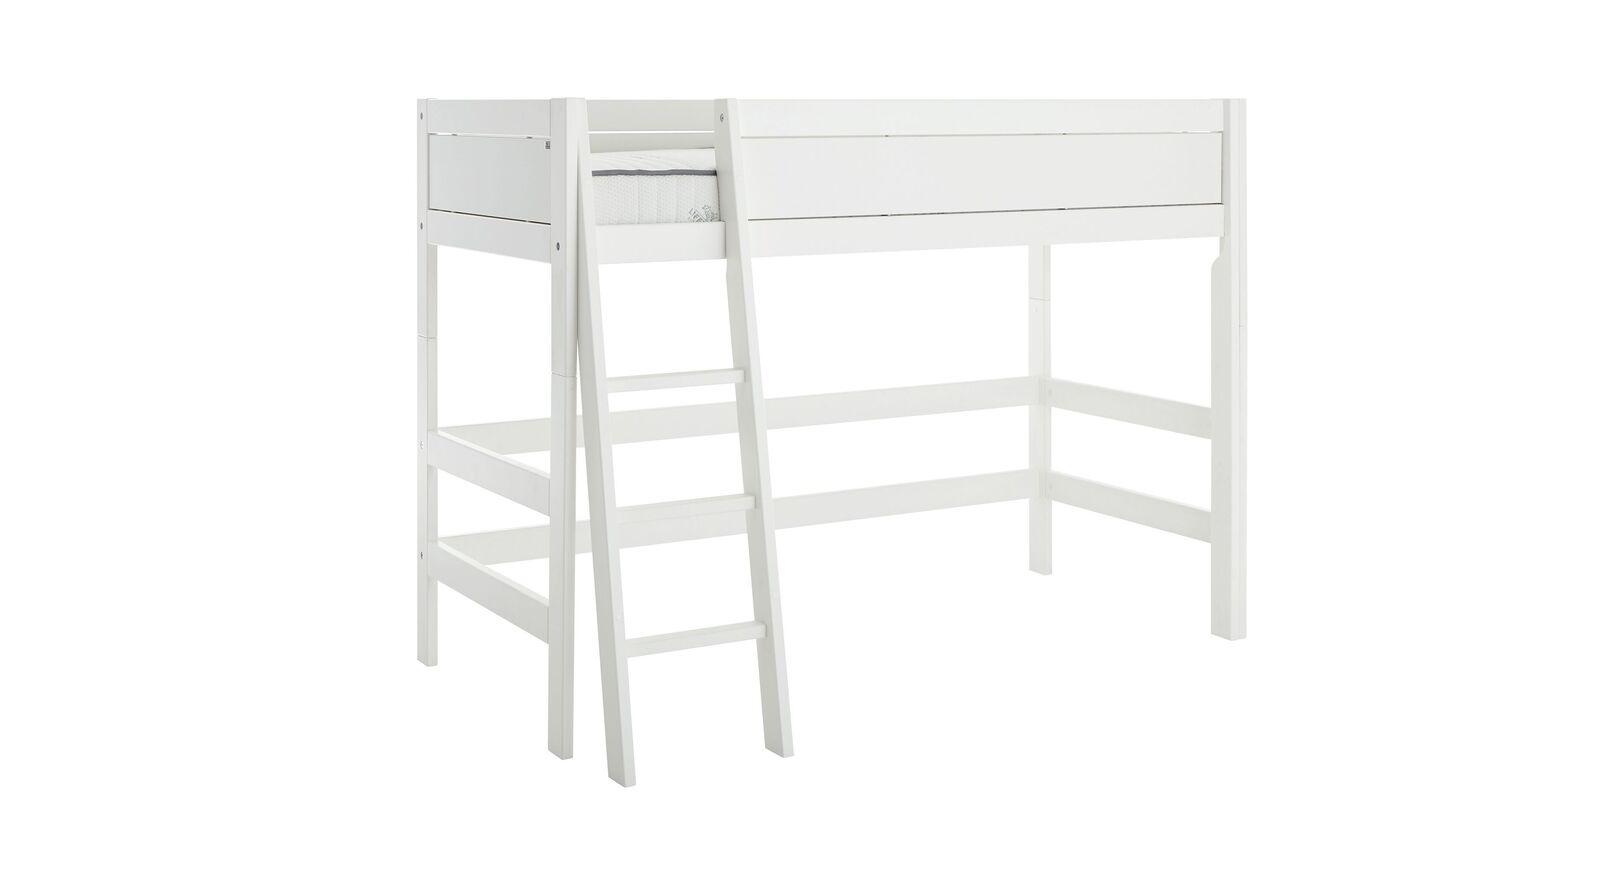 LIFETIME Mittelhochbett Original in Weiß lackiert mit schräger Leiter